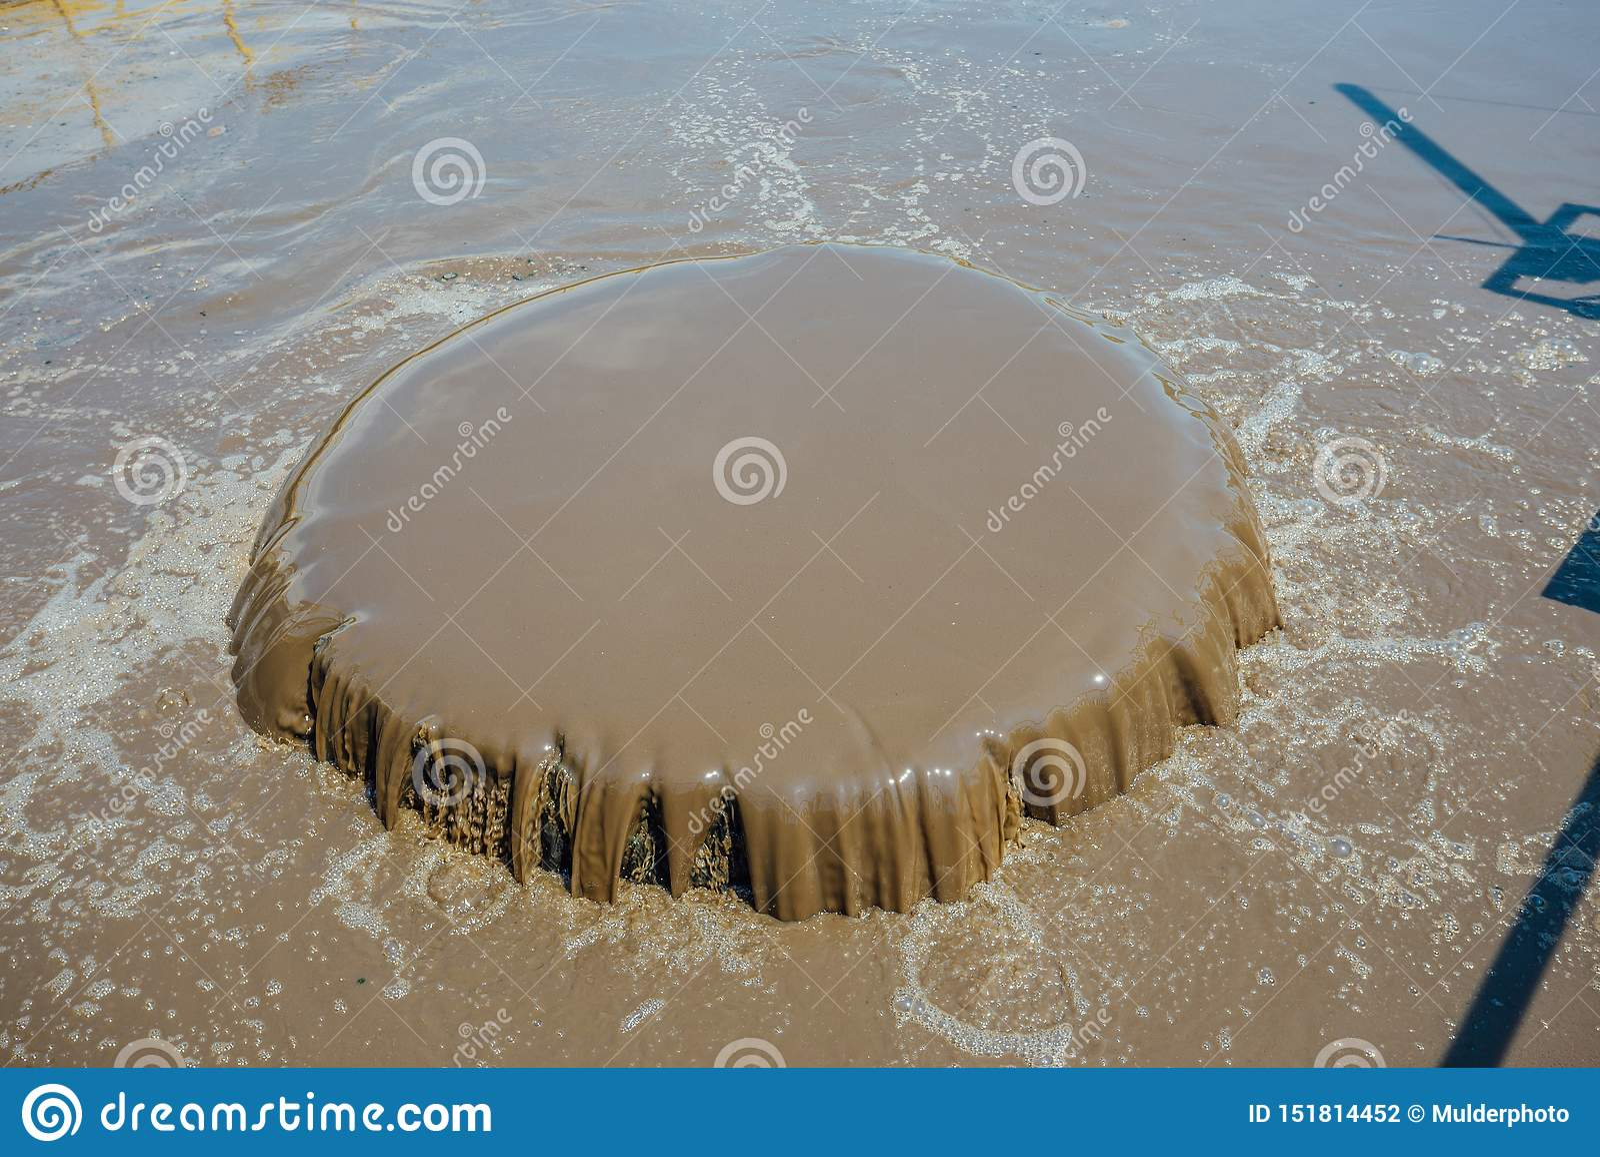 Depuradora de aguas residuales moderna Barro activo que alimenta en los tanques para la aireación y la purificación bacteriana bi